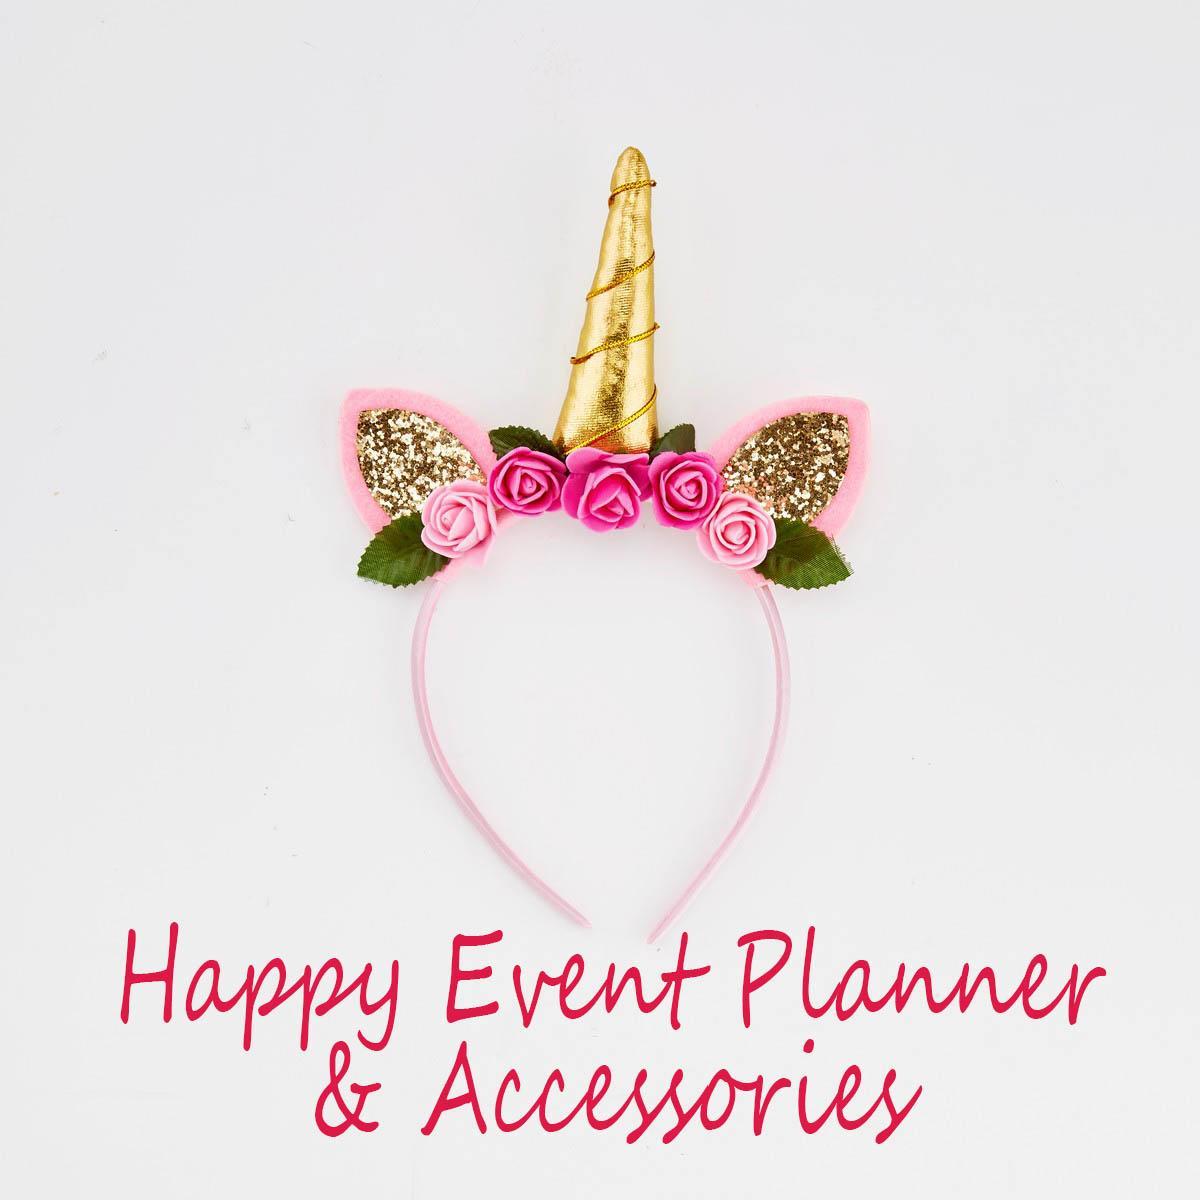 Cute Party Decorative Unicorn Flower Hairband Kids Girls Headbands Head wear